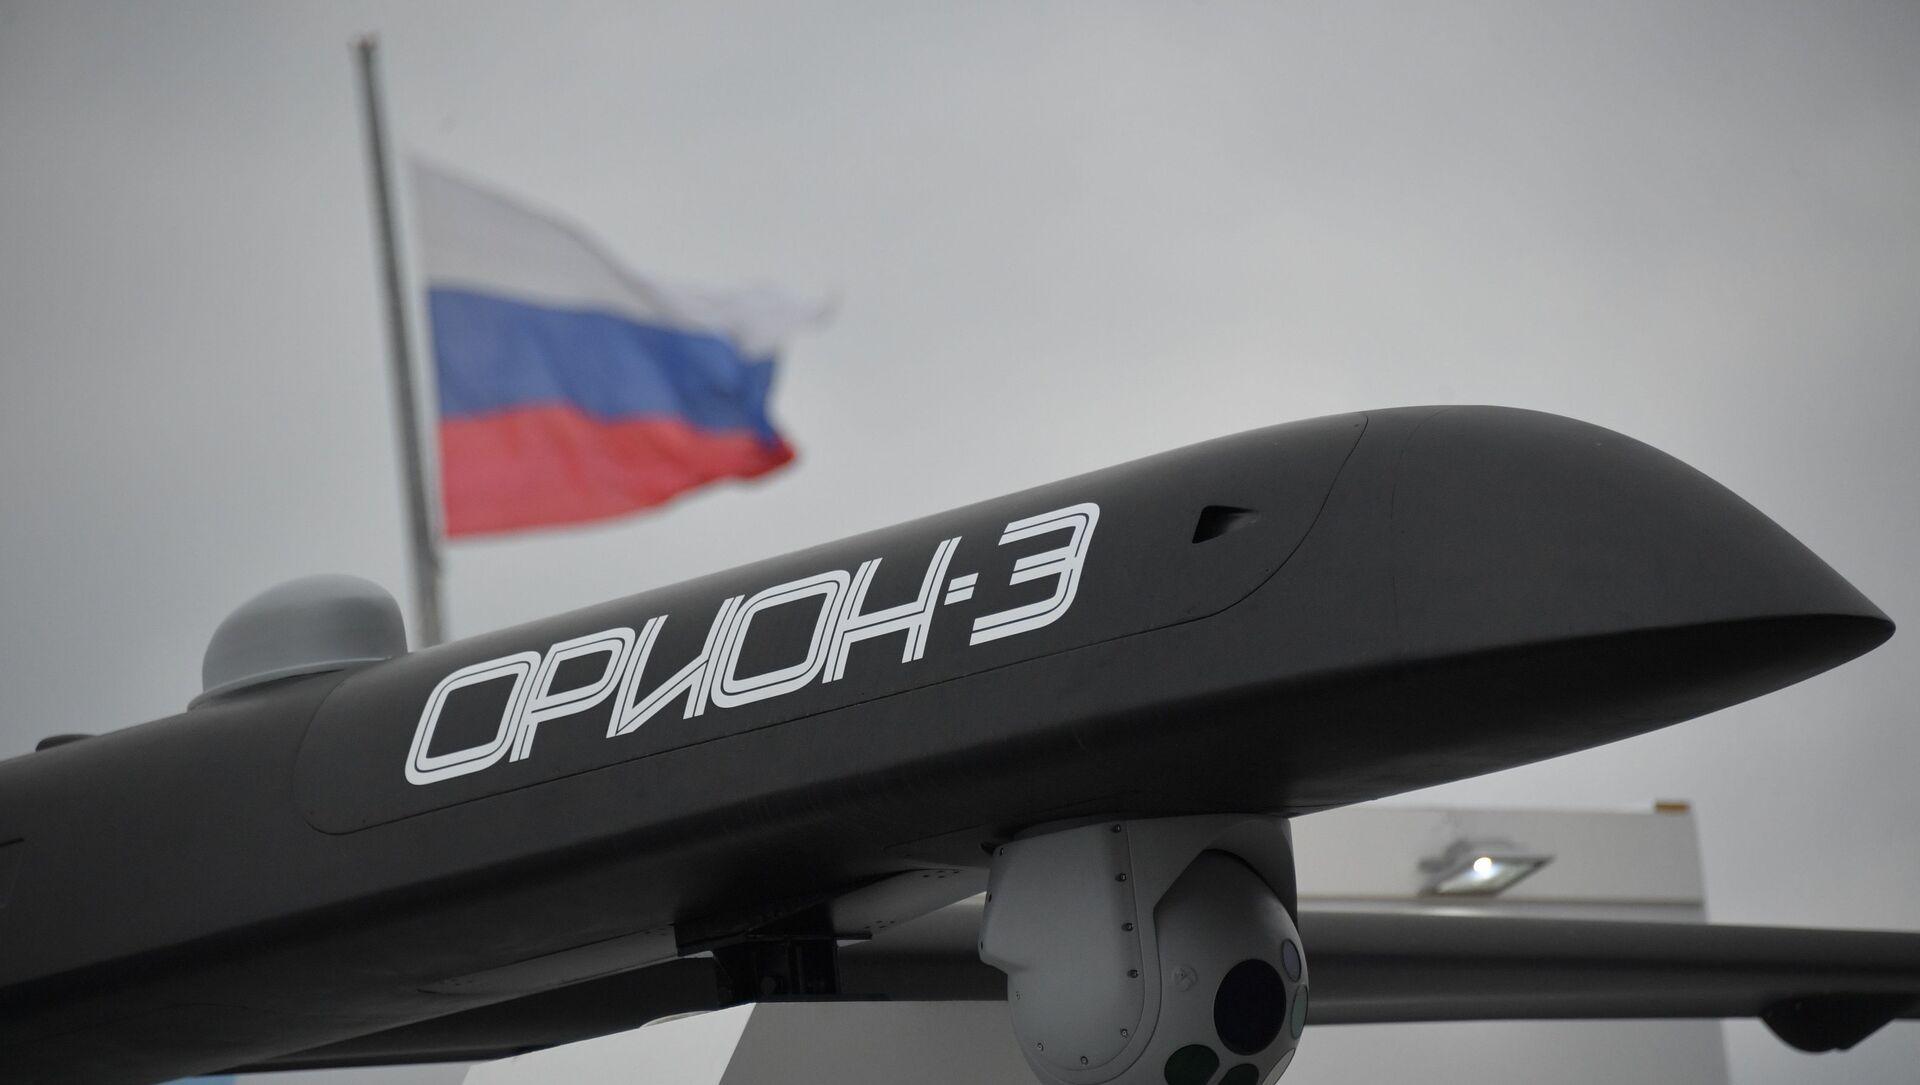 Беспілотны лятальны апарат (БПЛА) Арыён-Э - Sputnik Беларусь, 1920, 24.06.2021